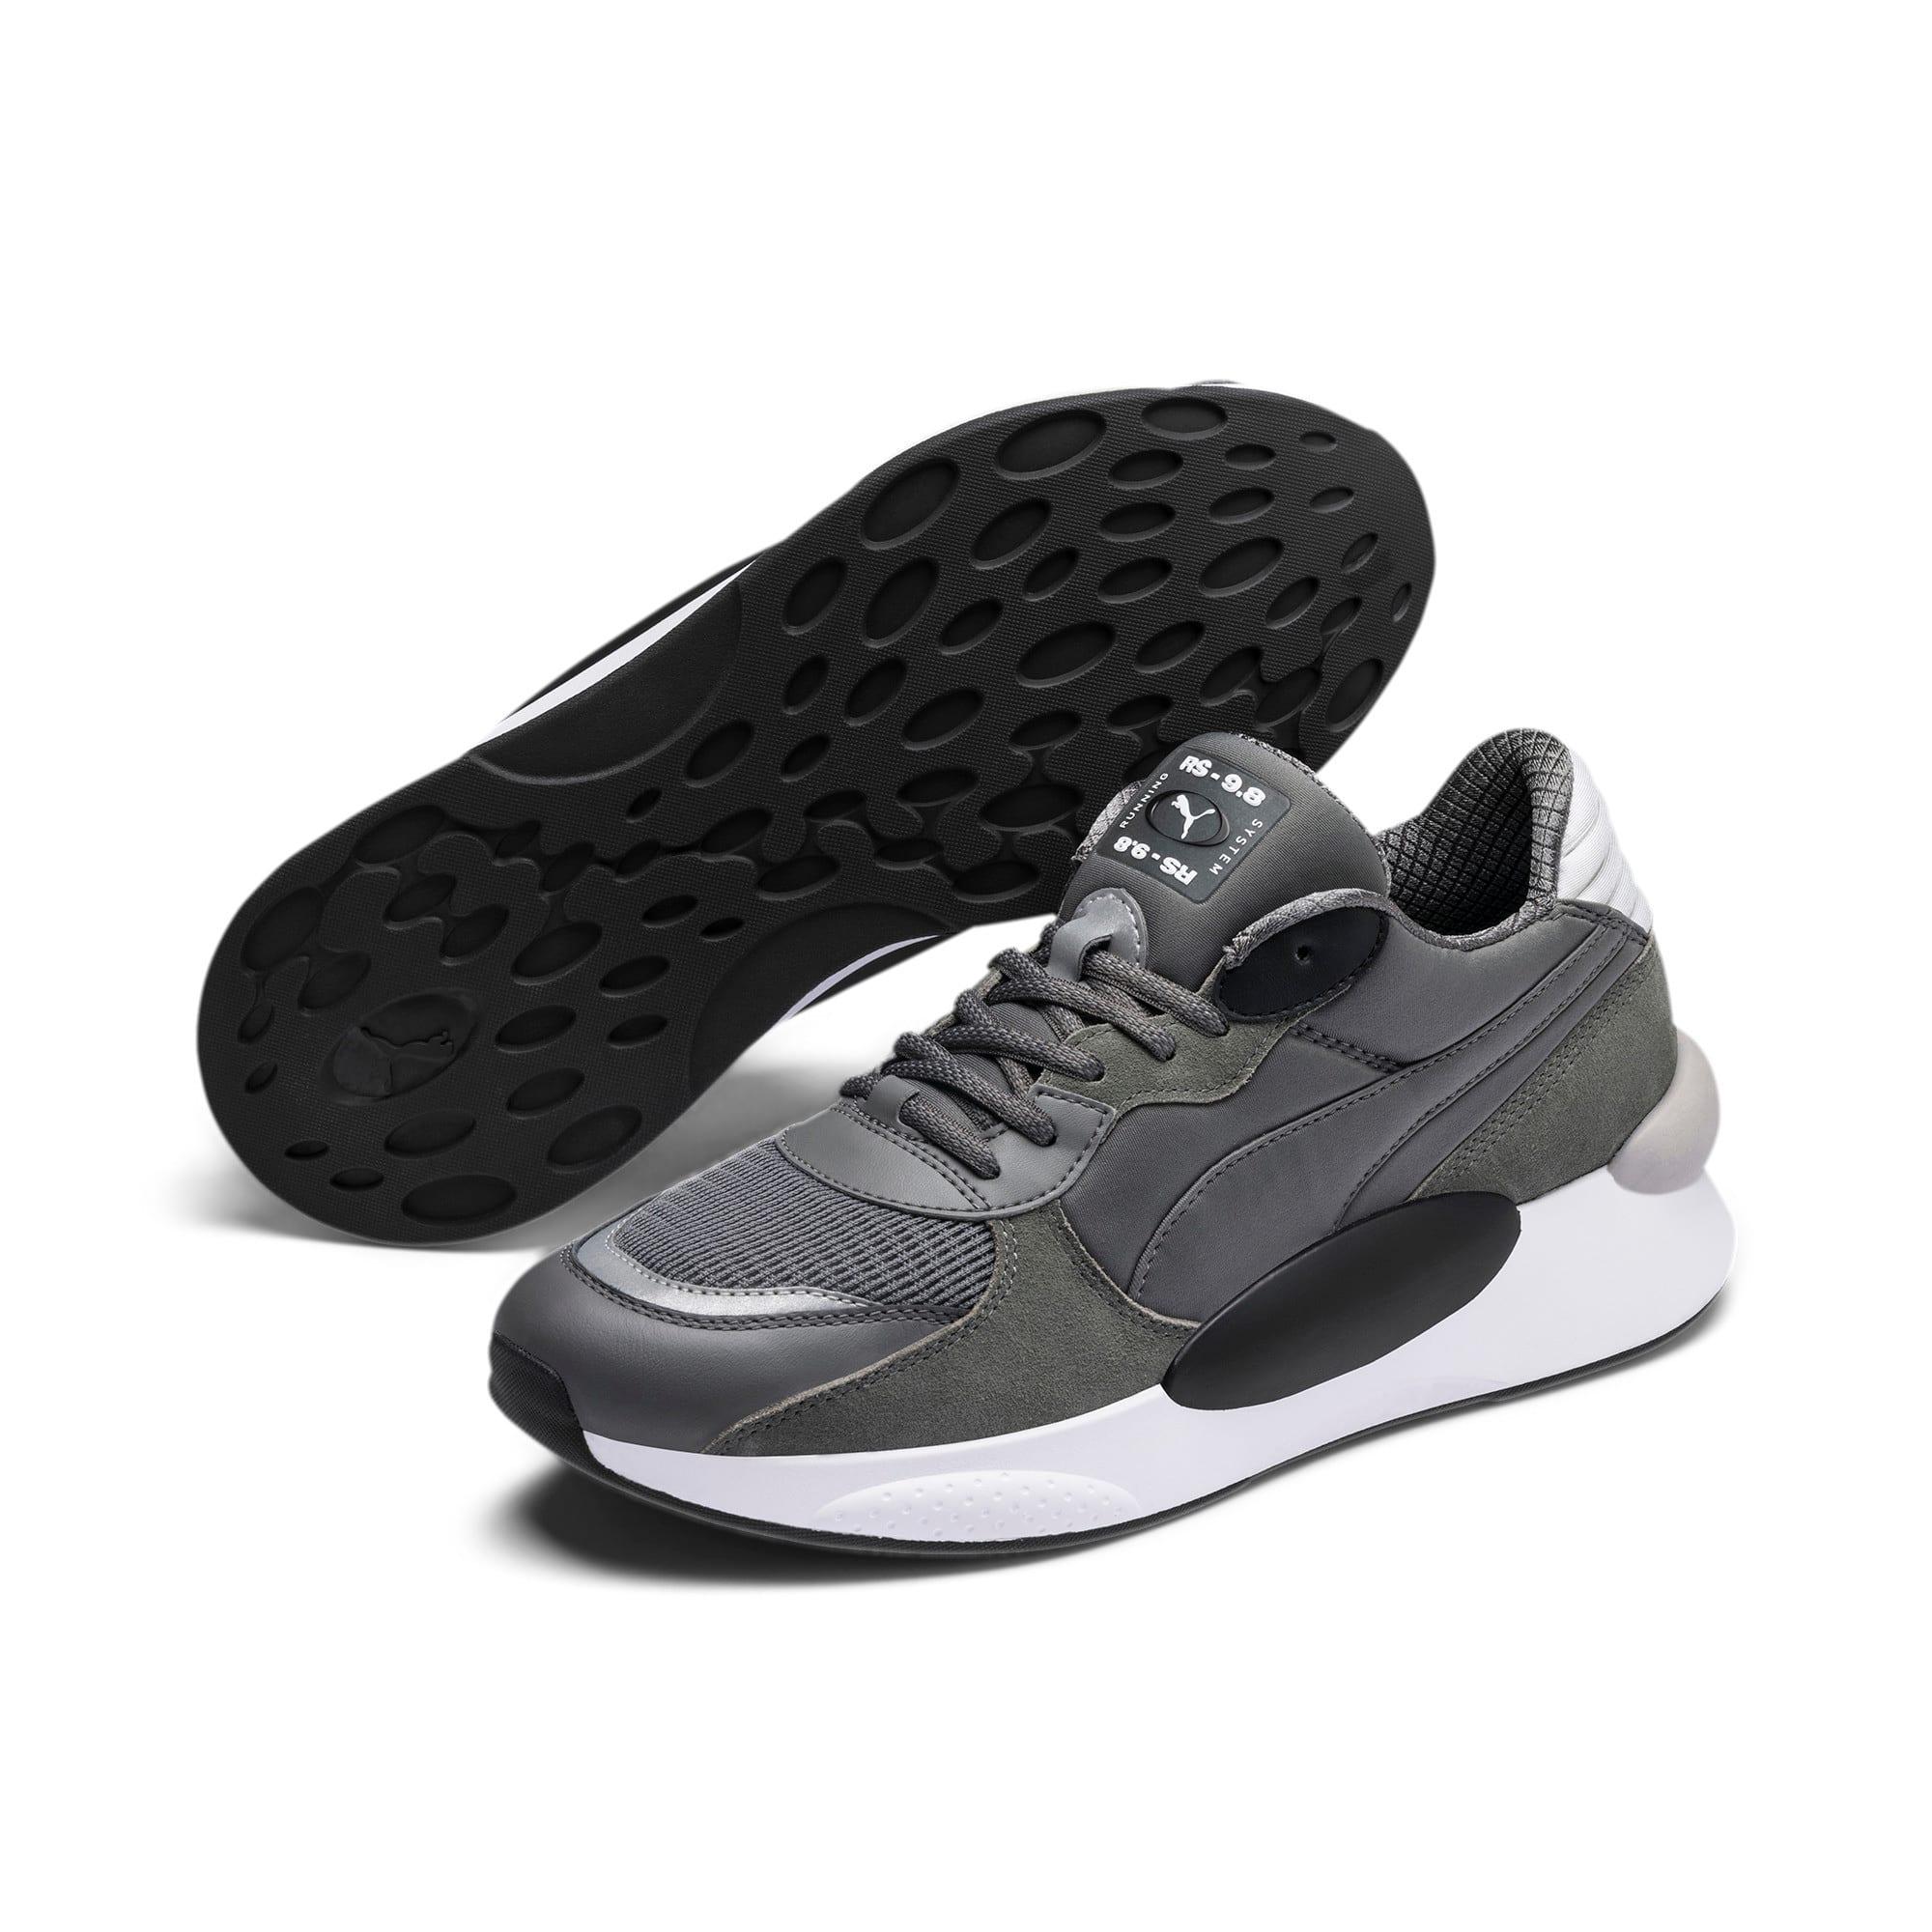 Miniatura 2 de Zapatos deportivos RS 9.8 Gravity , CASTLEROCK-Puma Black, mediano